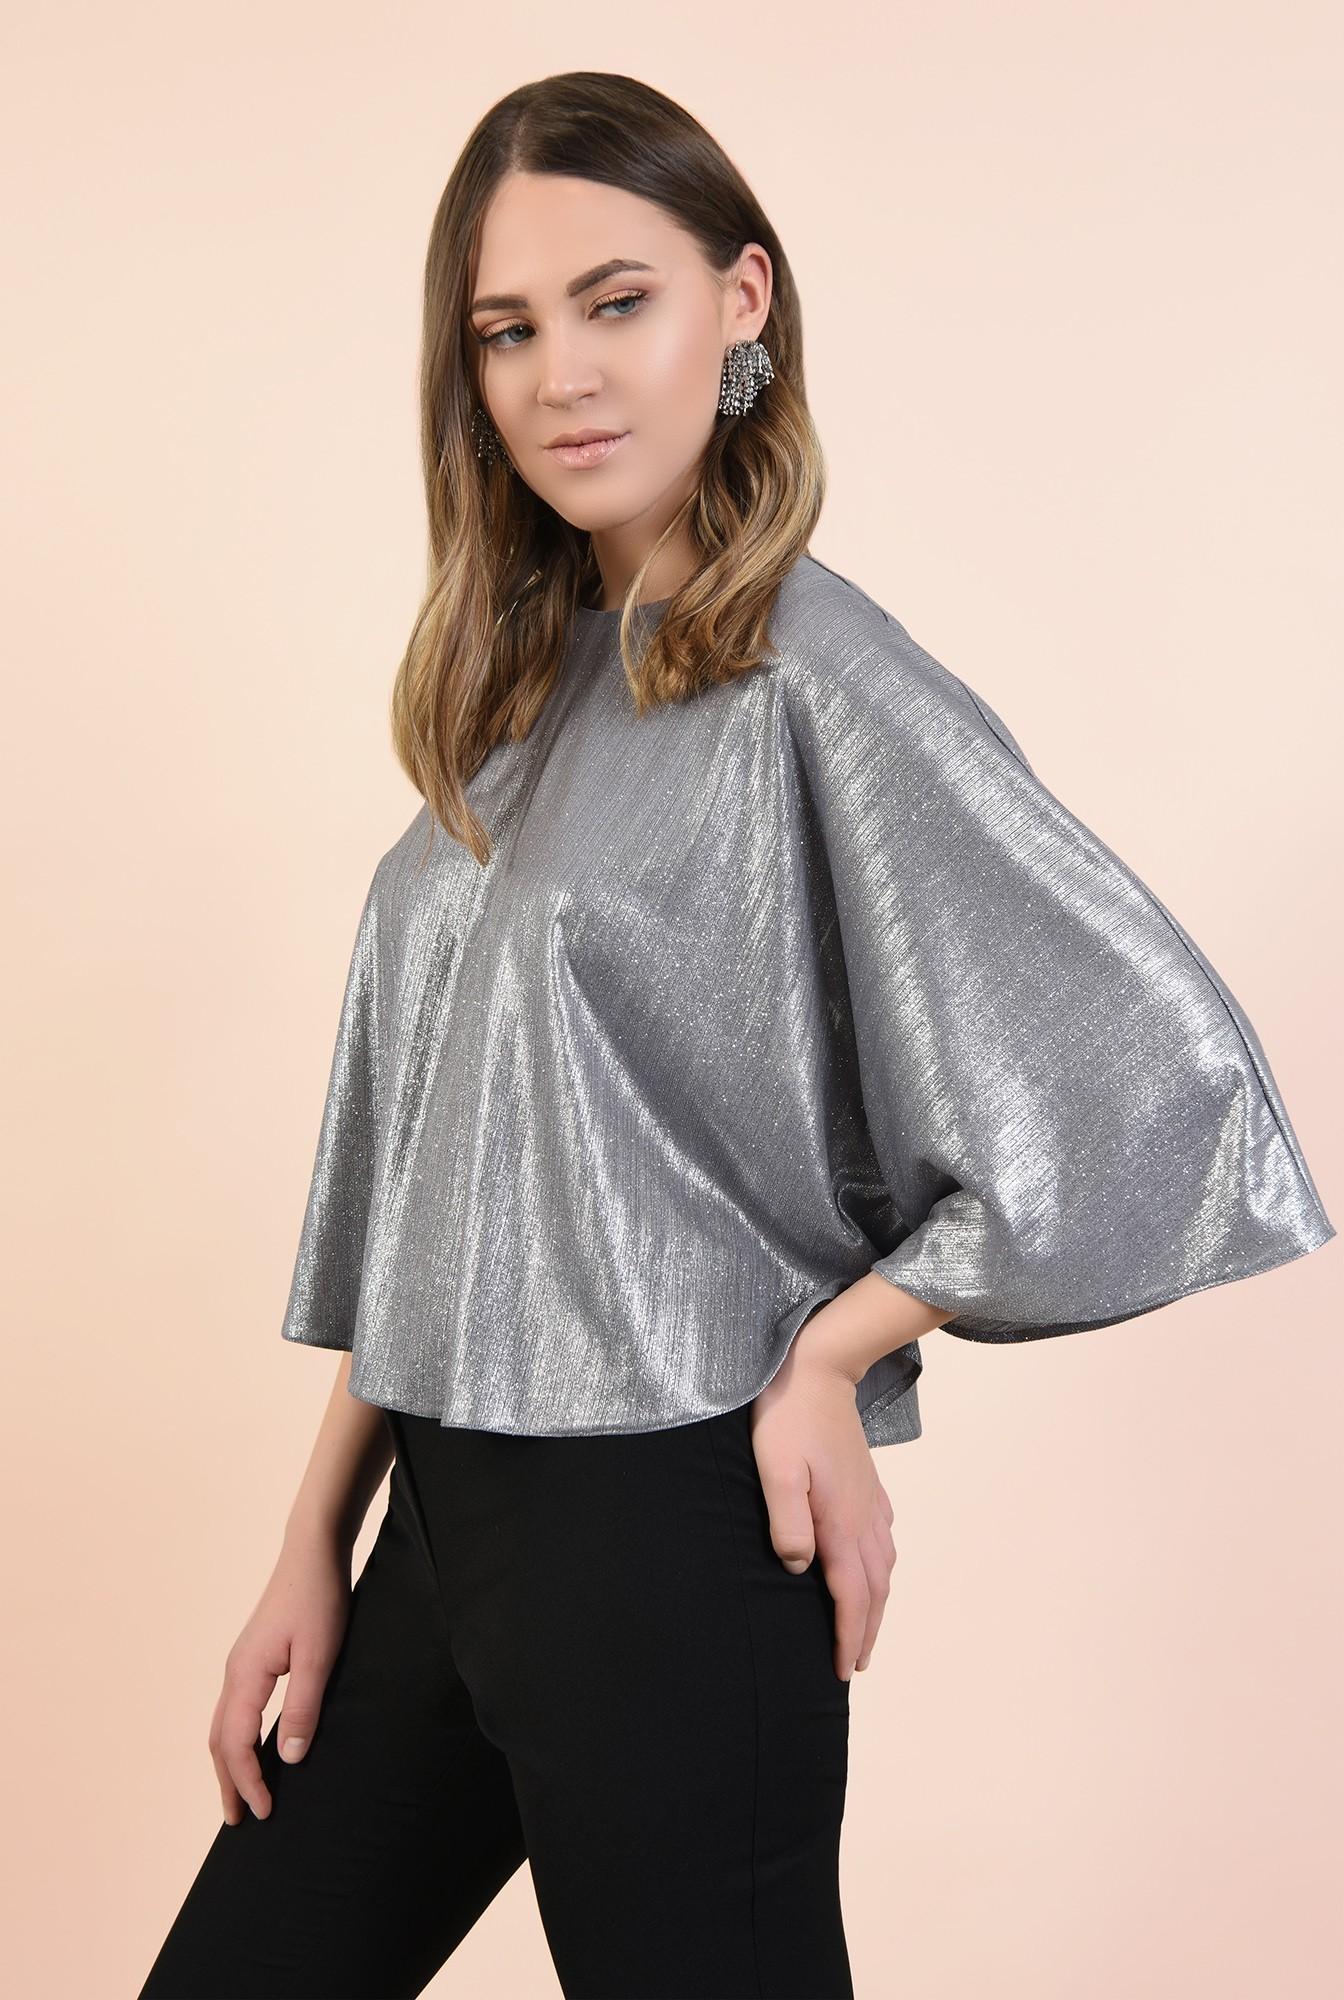 0 - bluza eleganta, tip capa, argintie, cu sclipici, maneci fluture